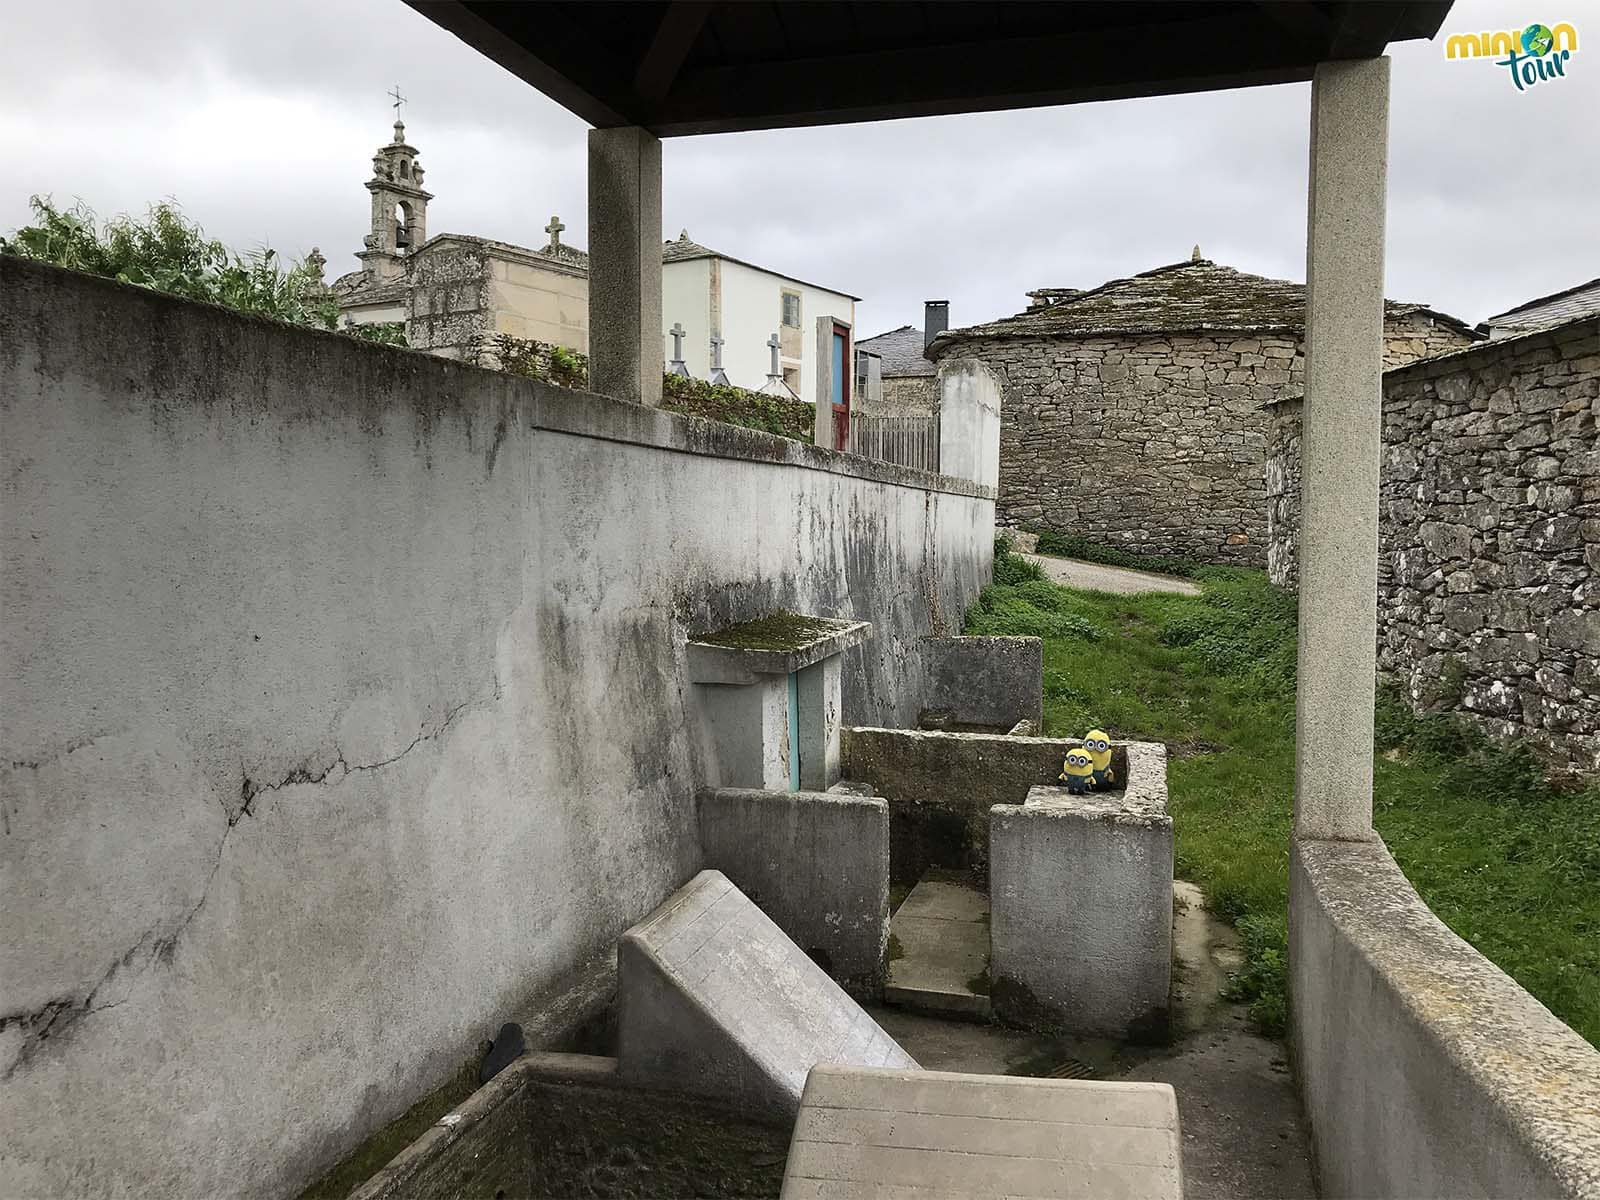 Lavadero de Santa Eulalia de Bóveda de Mera